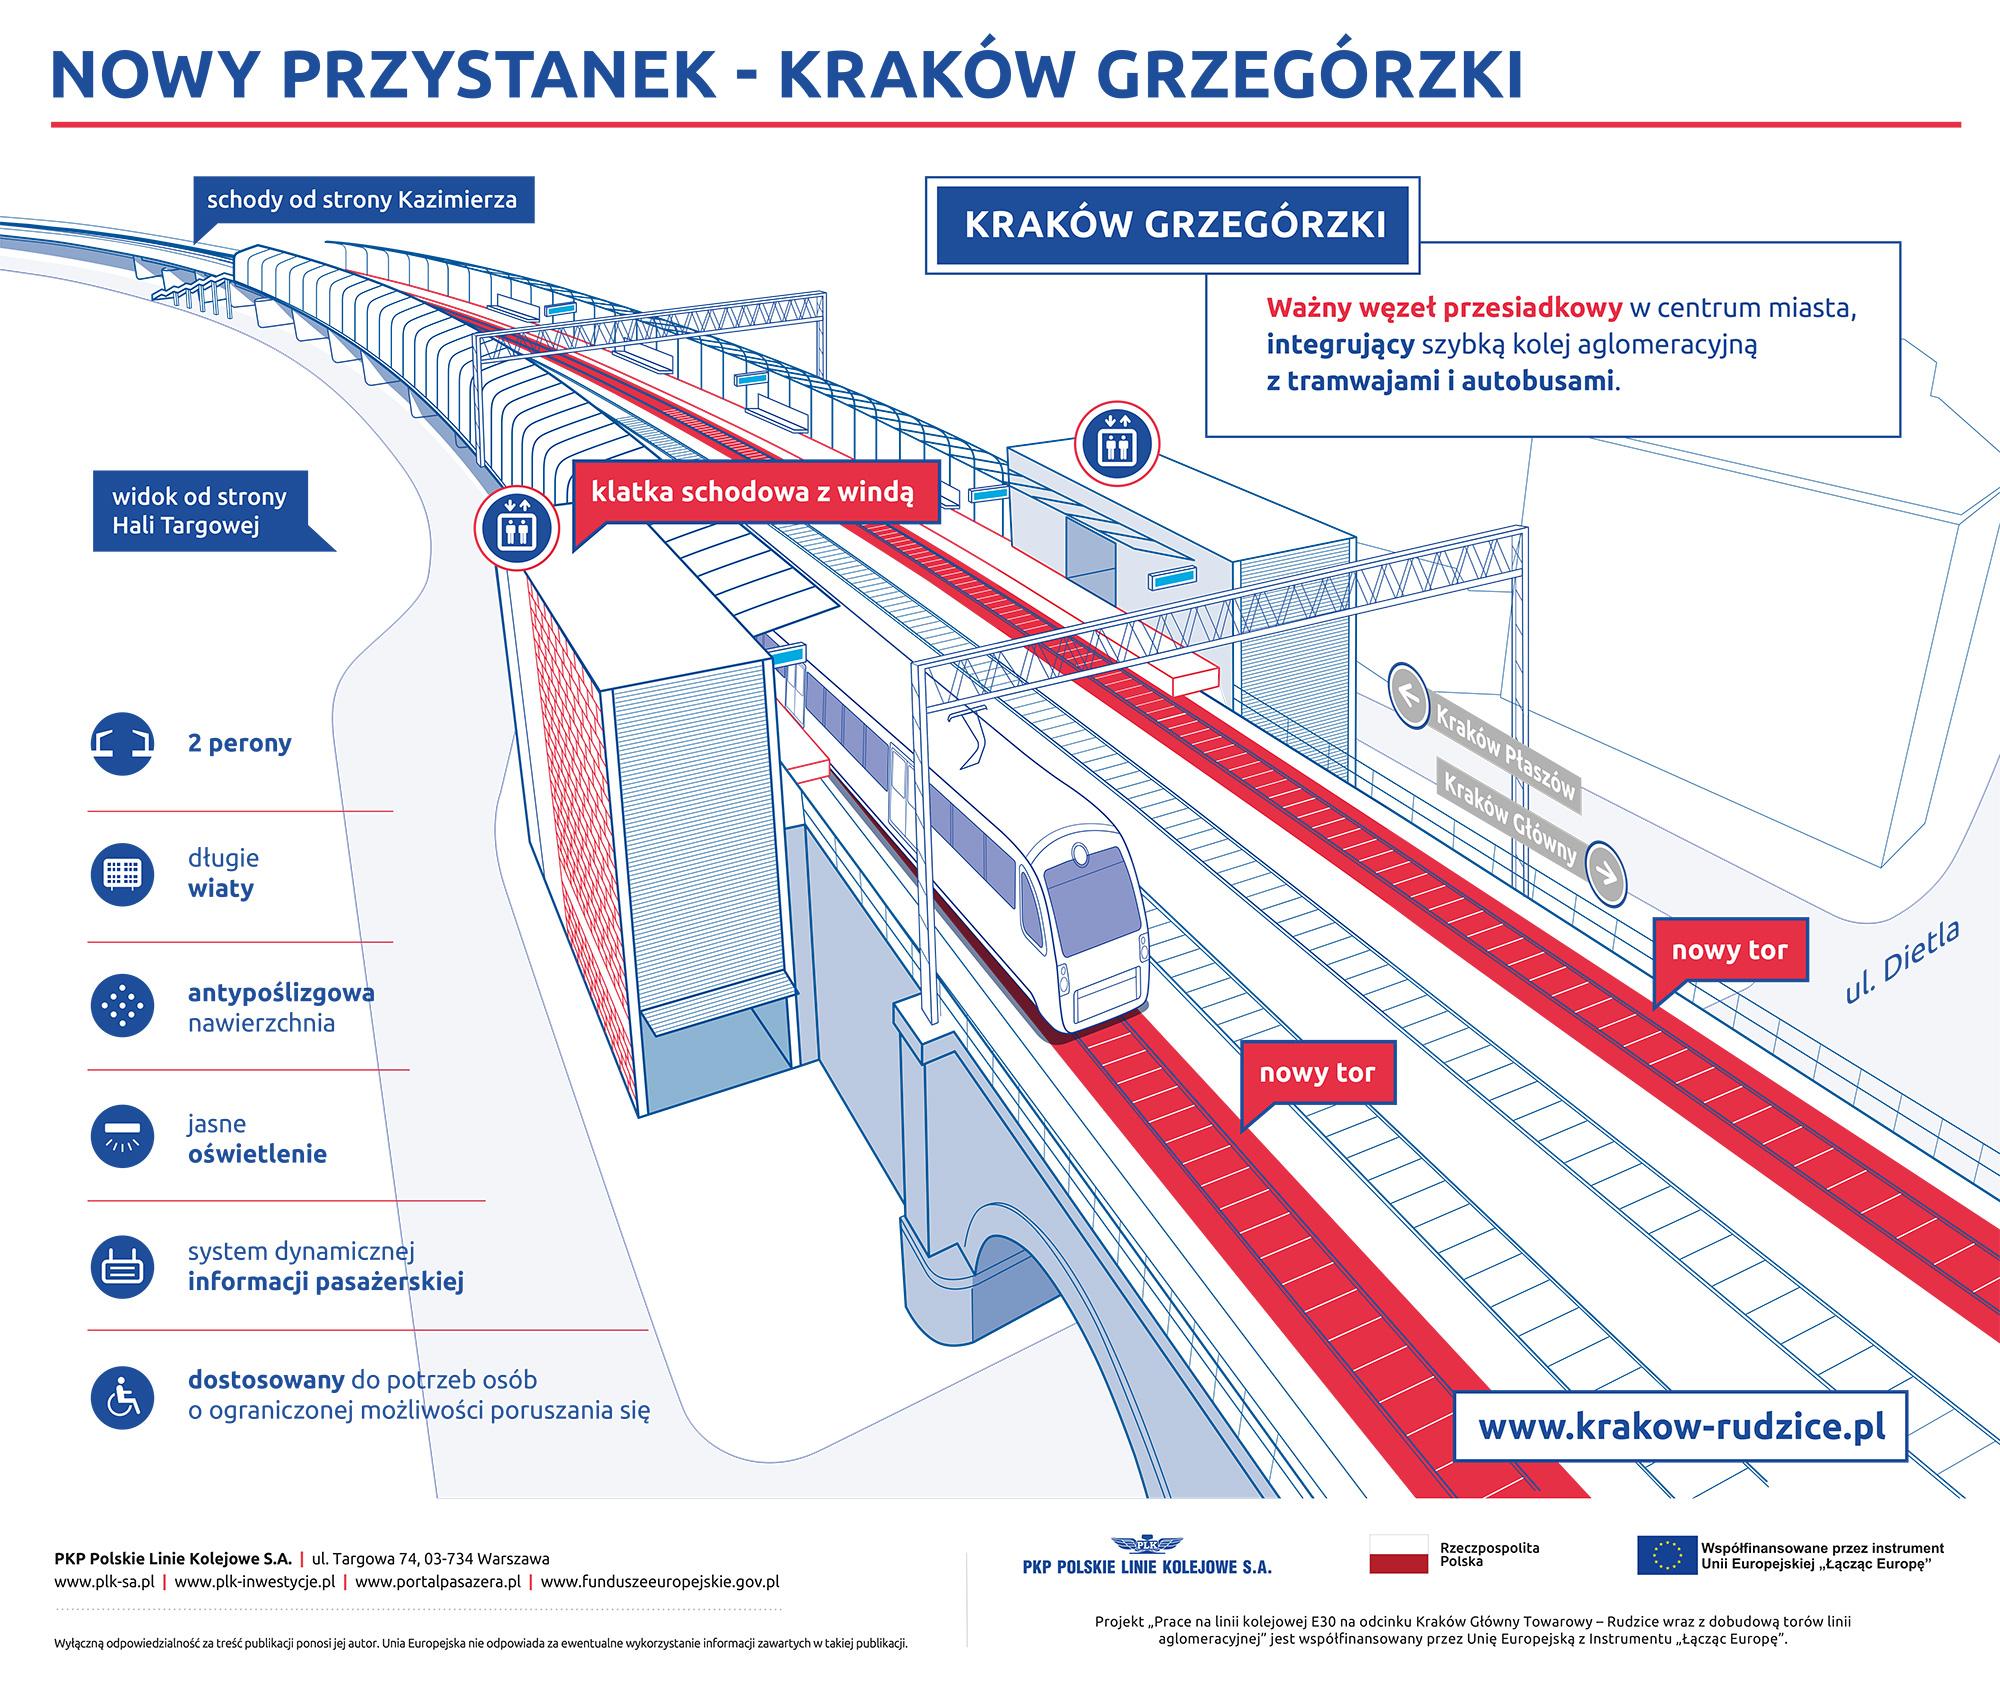 Infografika przedstawiająca wizualizację przystanku Kraków Grzegórzki.